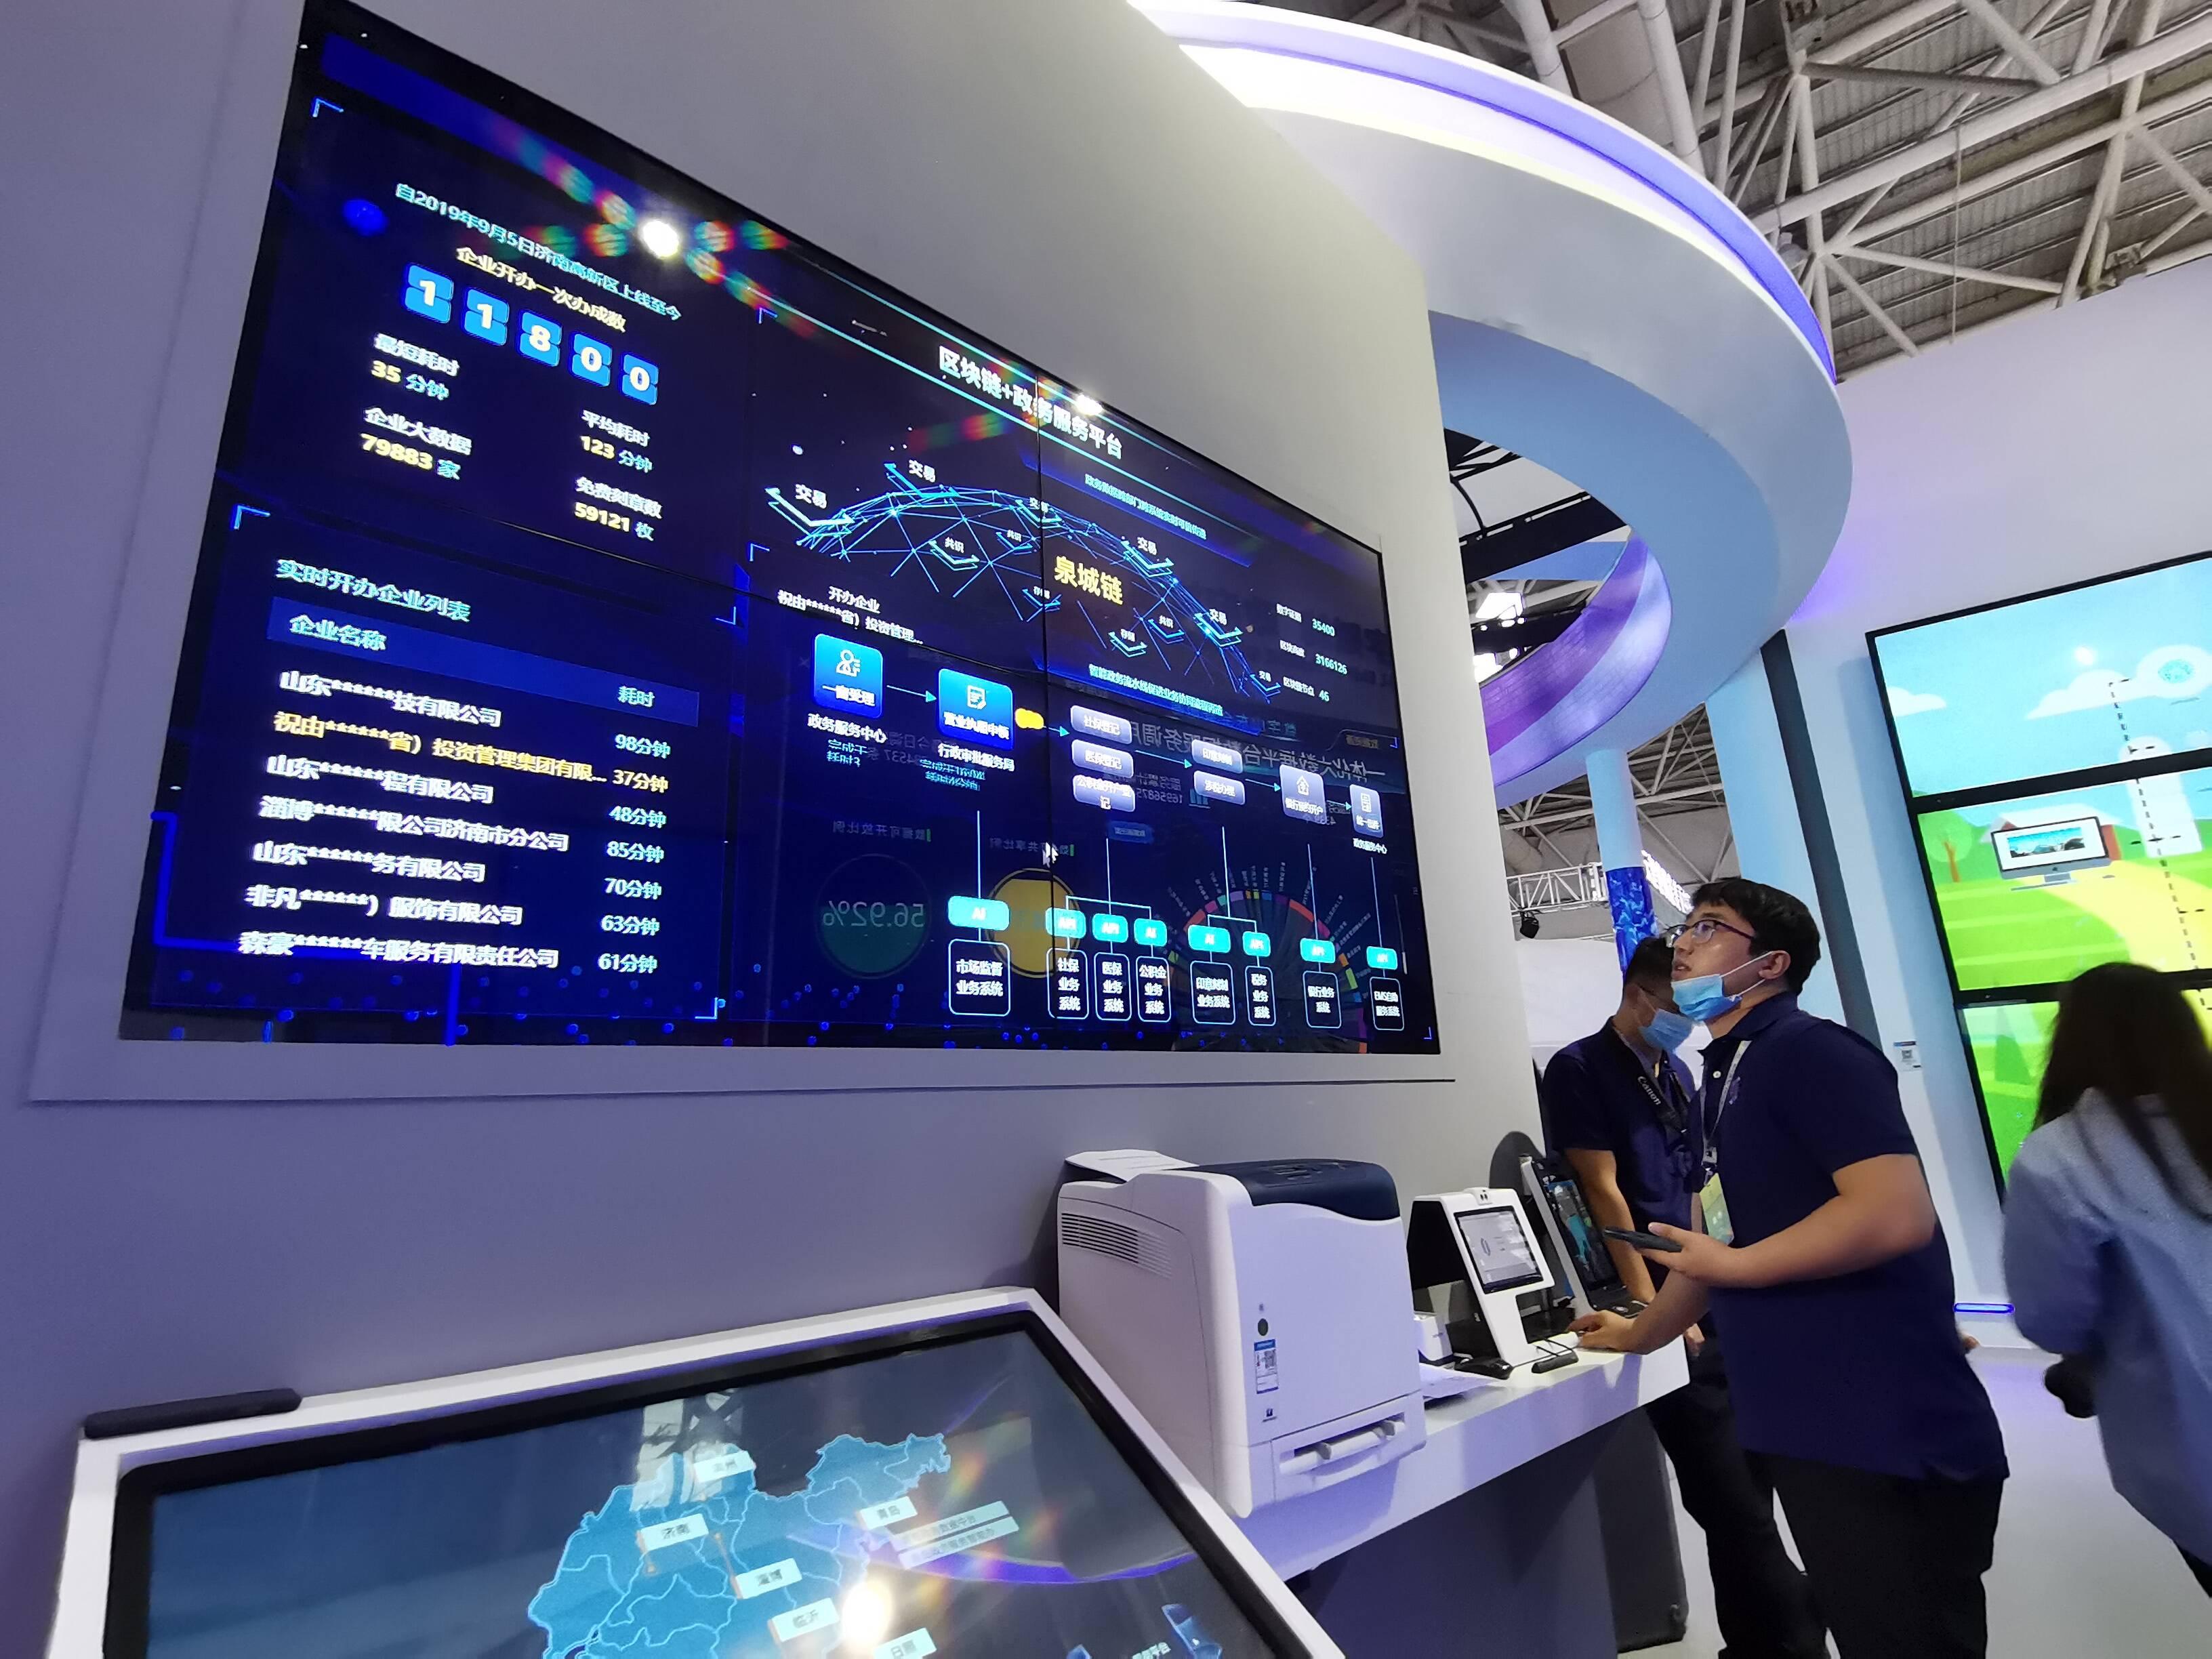 聚焦数字中国建设峰会 数字山东:有了这项技术,成立一家企业最快仅需35分钟